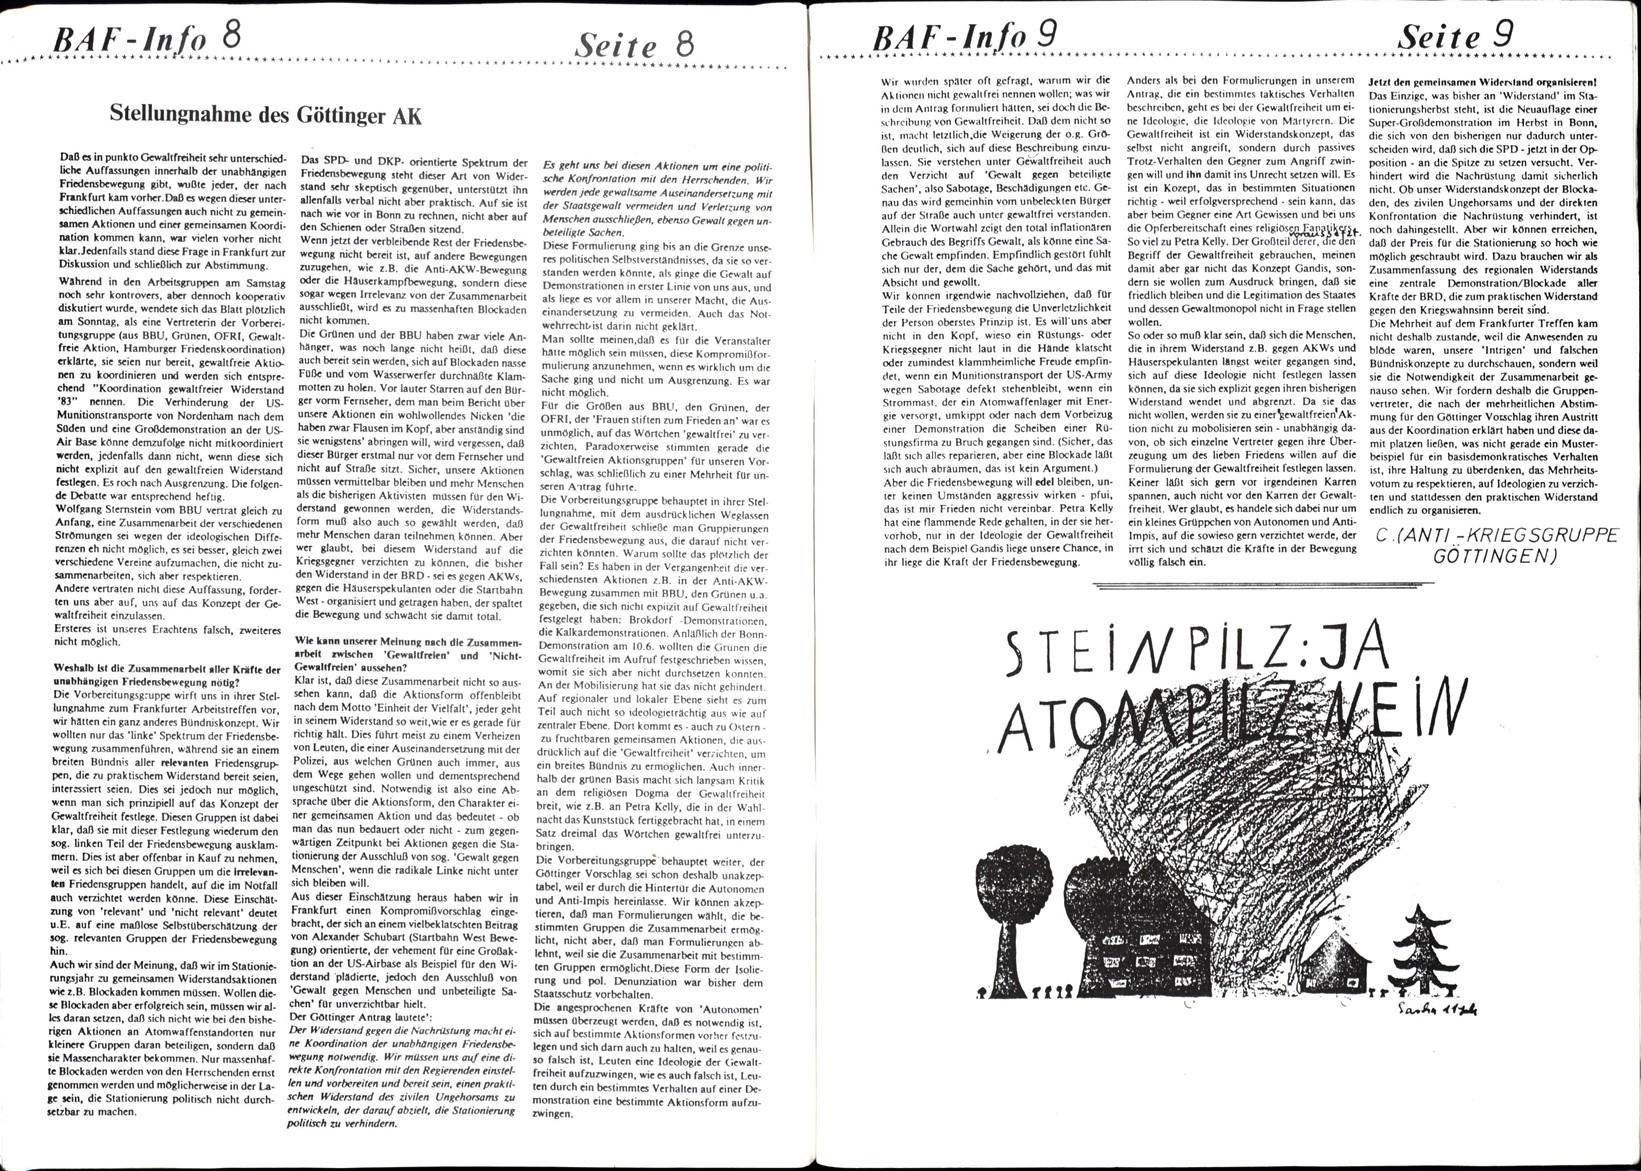 BAF_Info_03_19830600_05